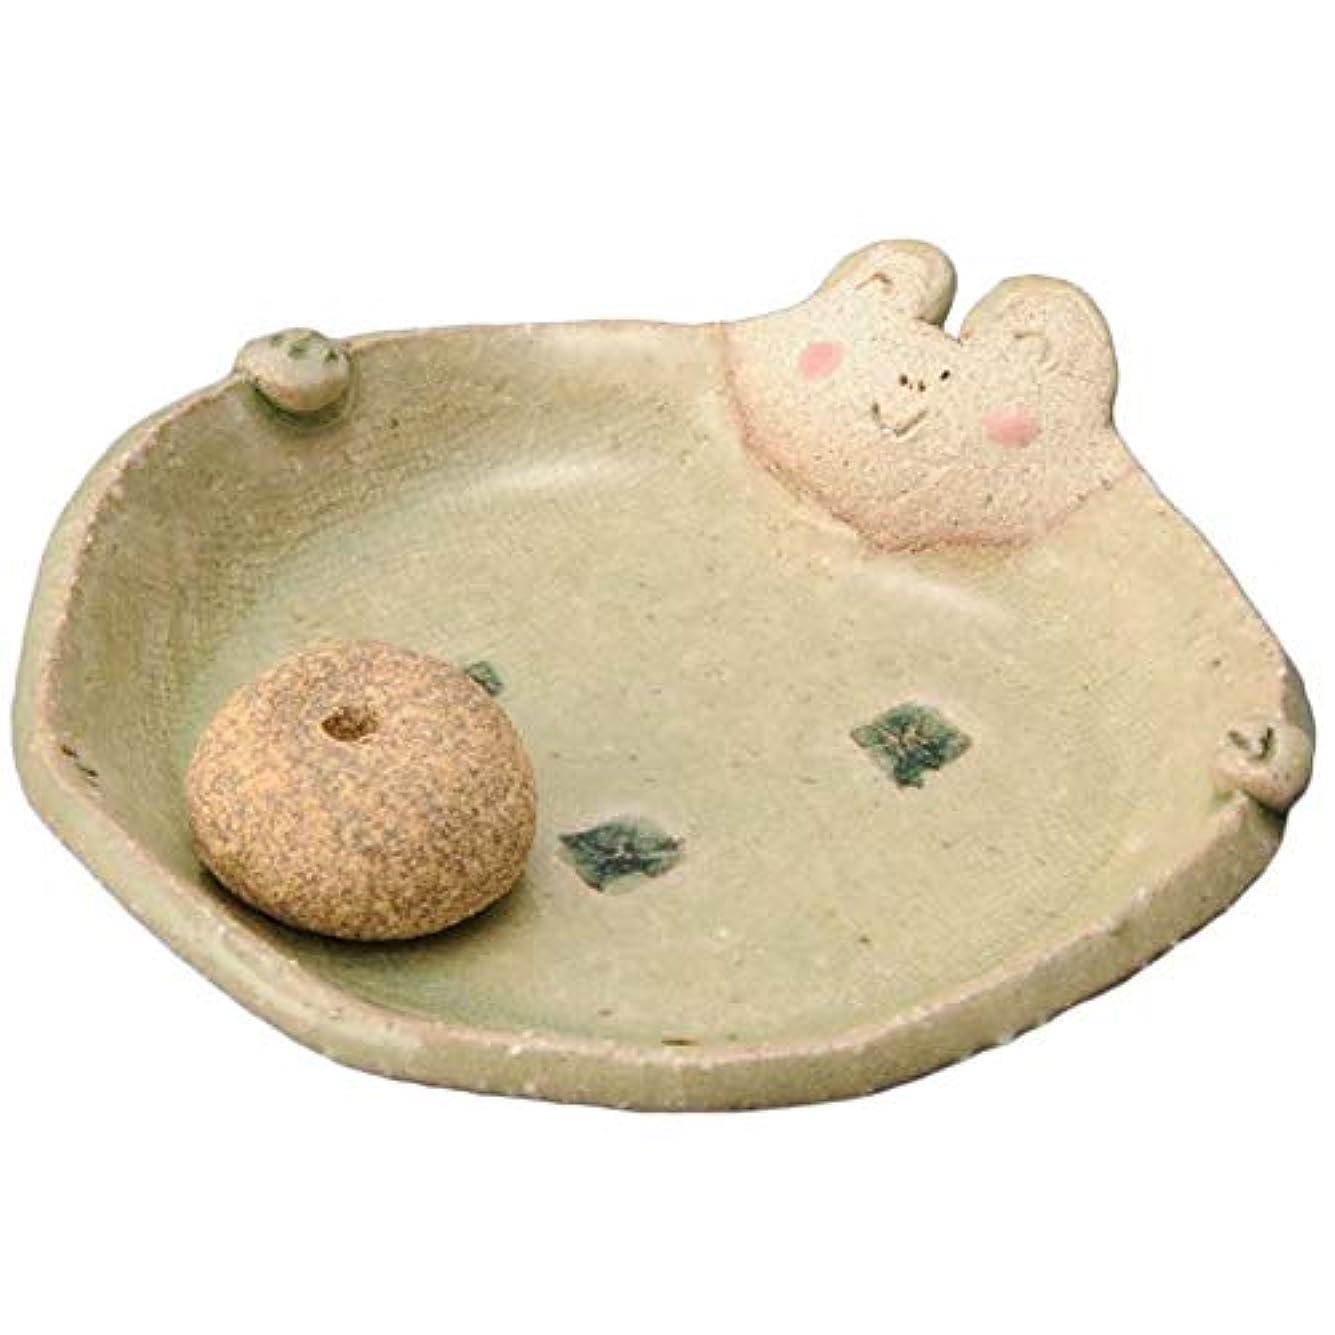 鎖チケット部屋を掃除する手造り 香皿 香立て/ふっくら 香皿(カエル) /香り アロマ 癒やし リラックス インテリア プレゼント 贈り物